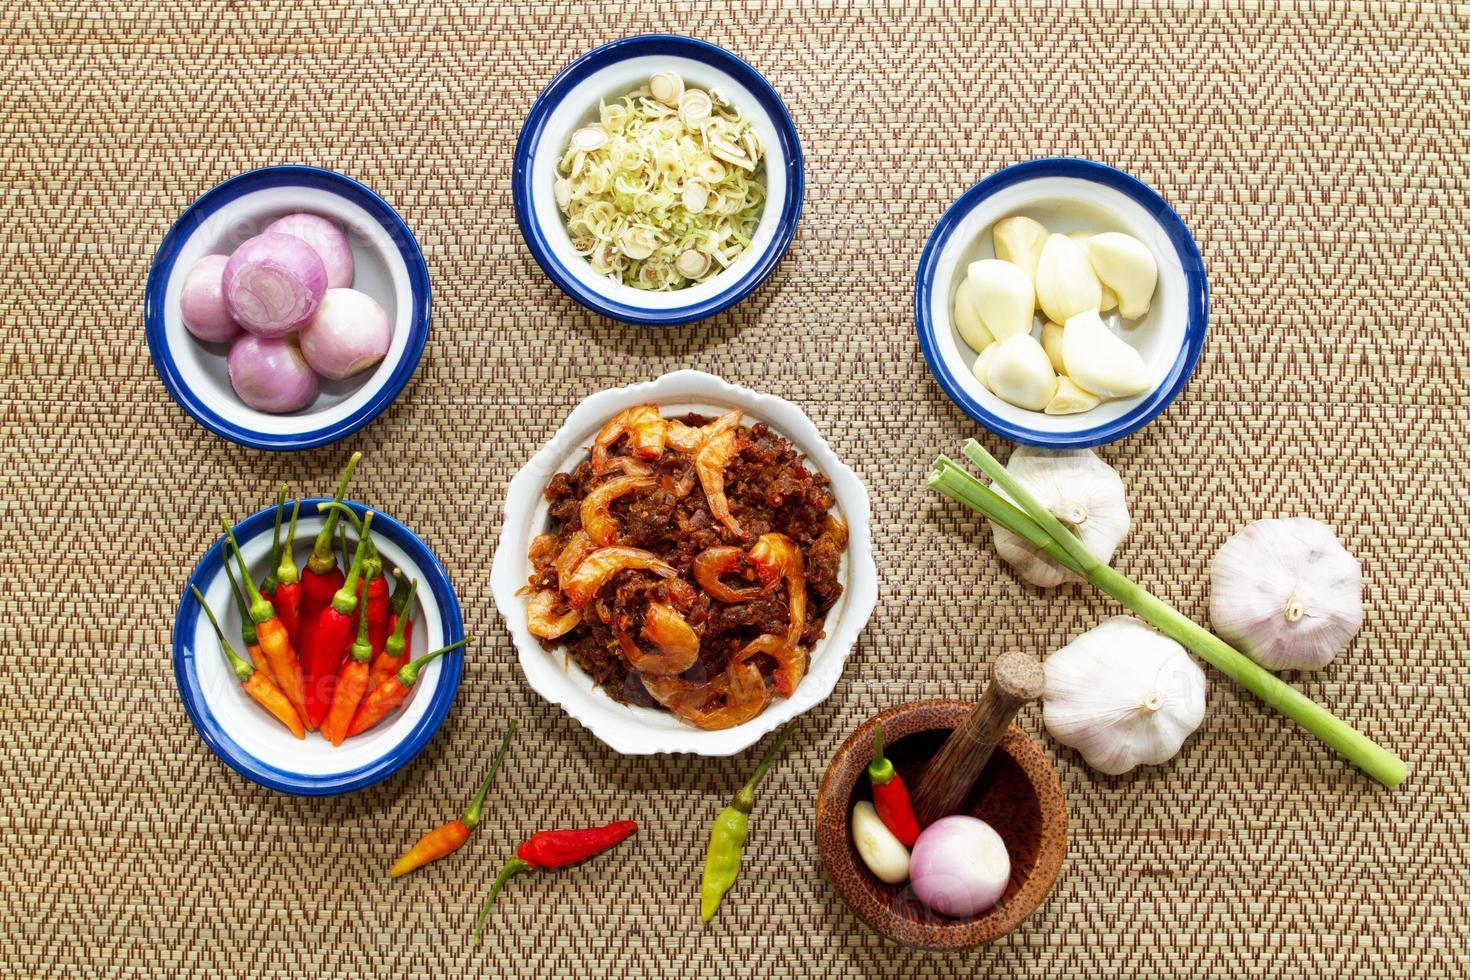 saus van garnalenpasta en chili met verse groenten foto